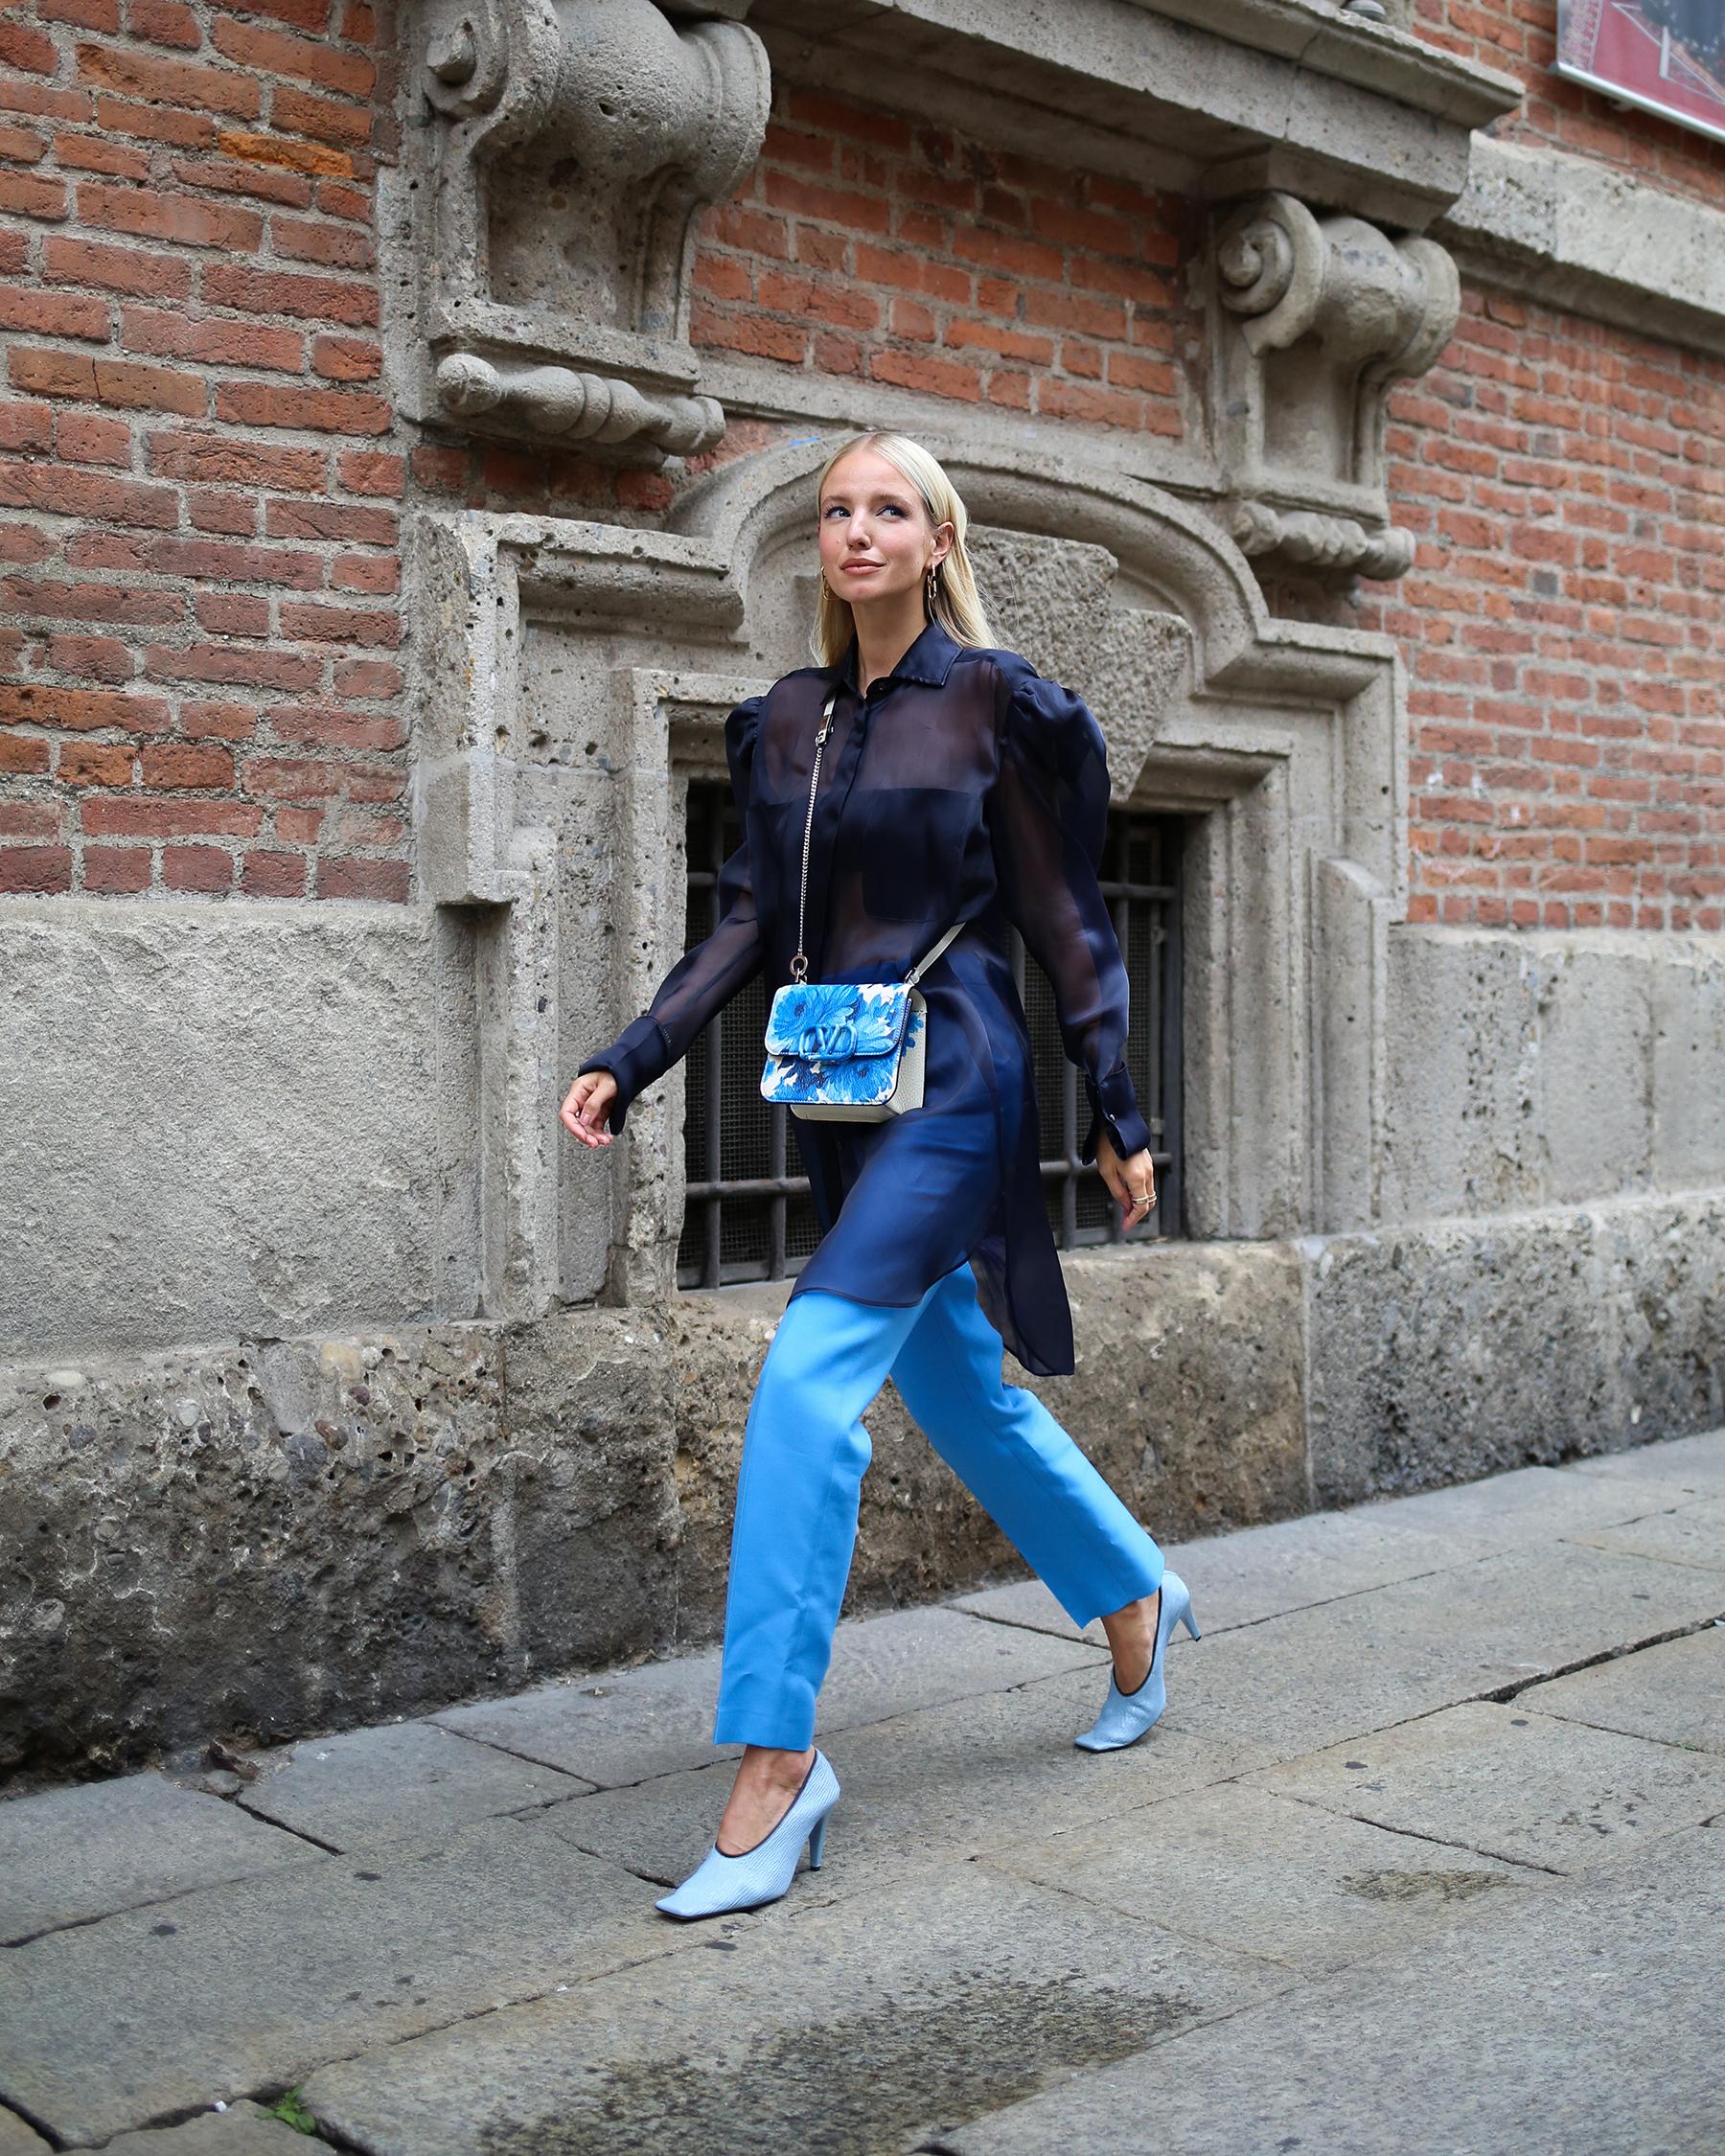 Milan Spring 2021 Style by Thomas Razzano Photos